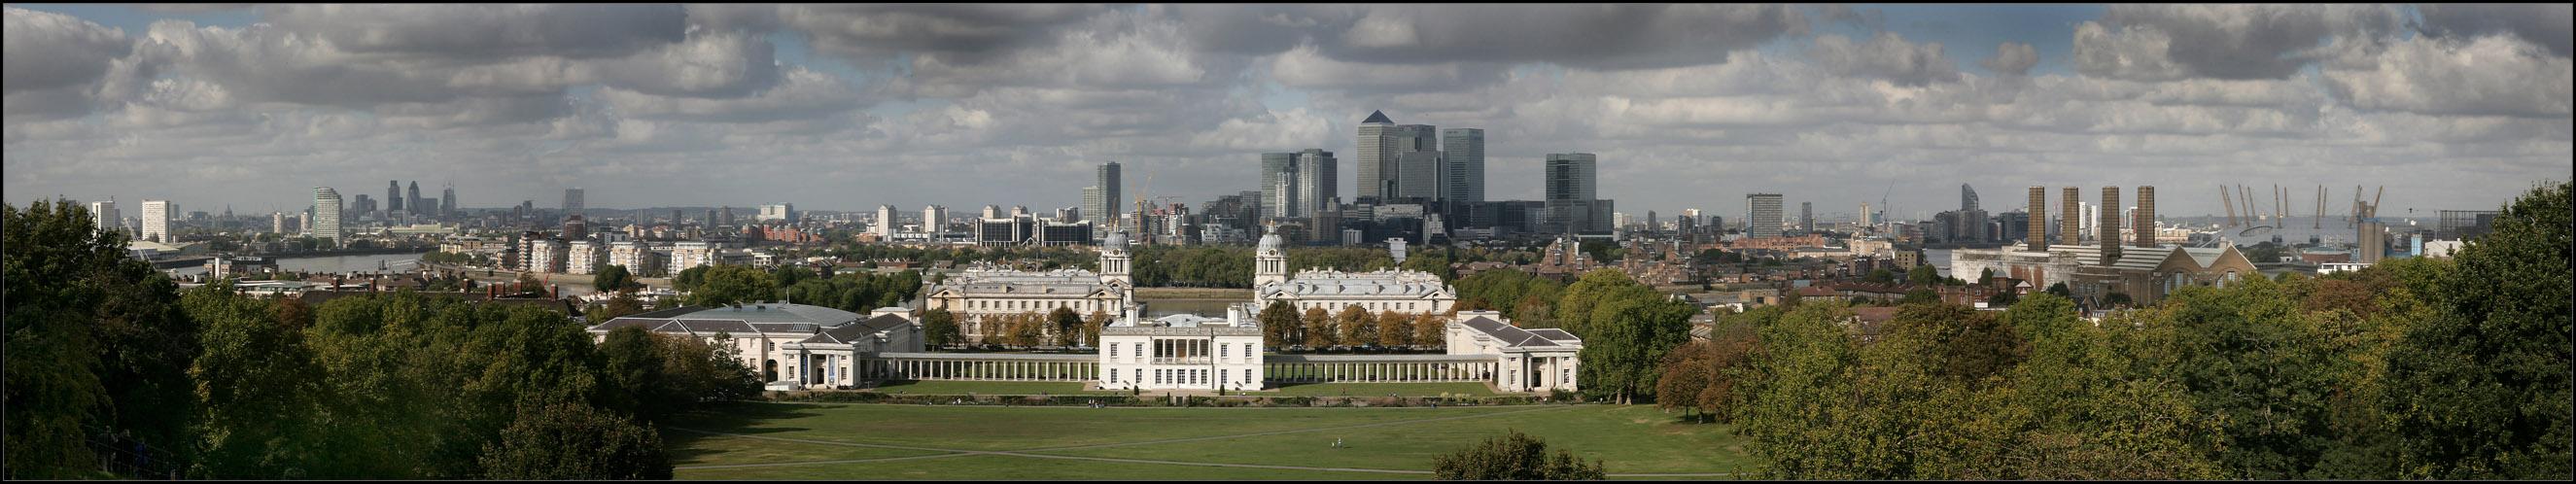 +++LONDON+++